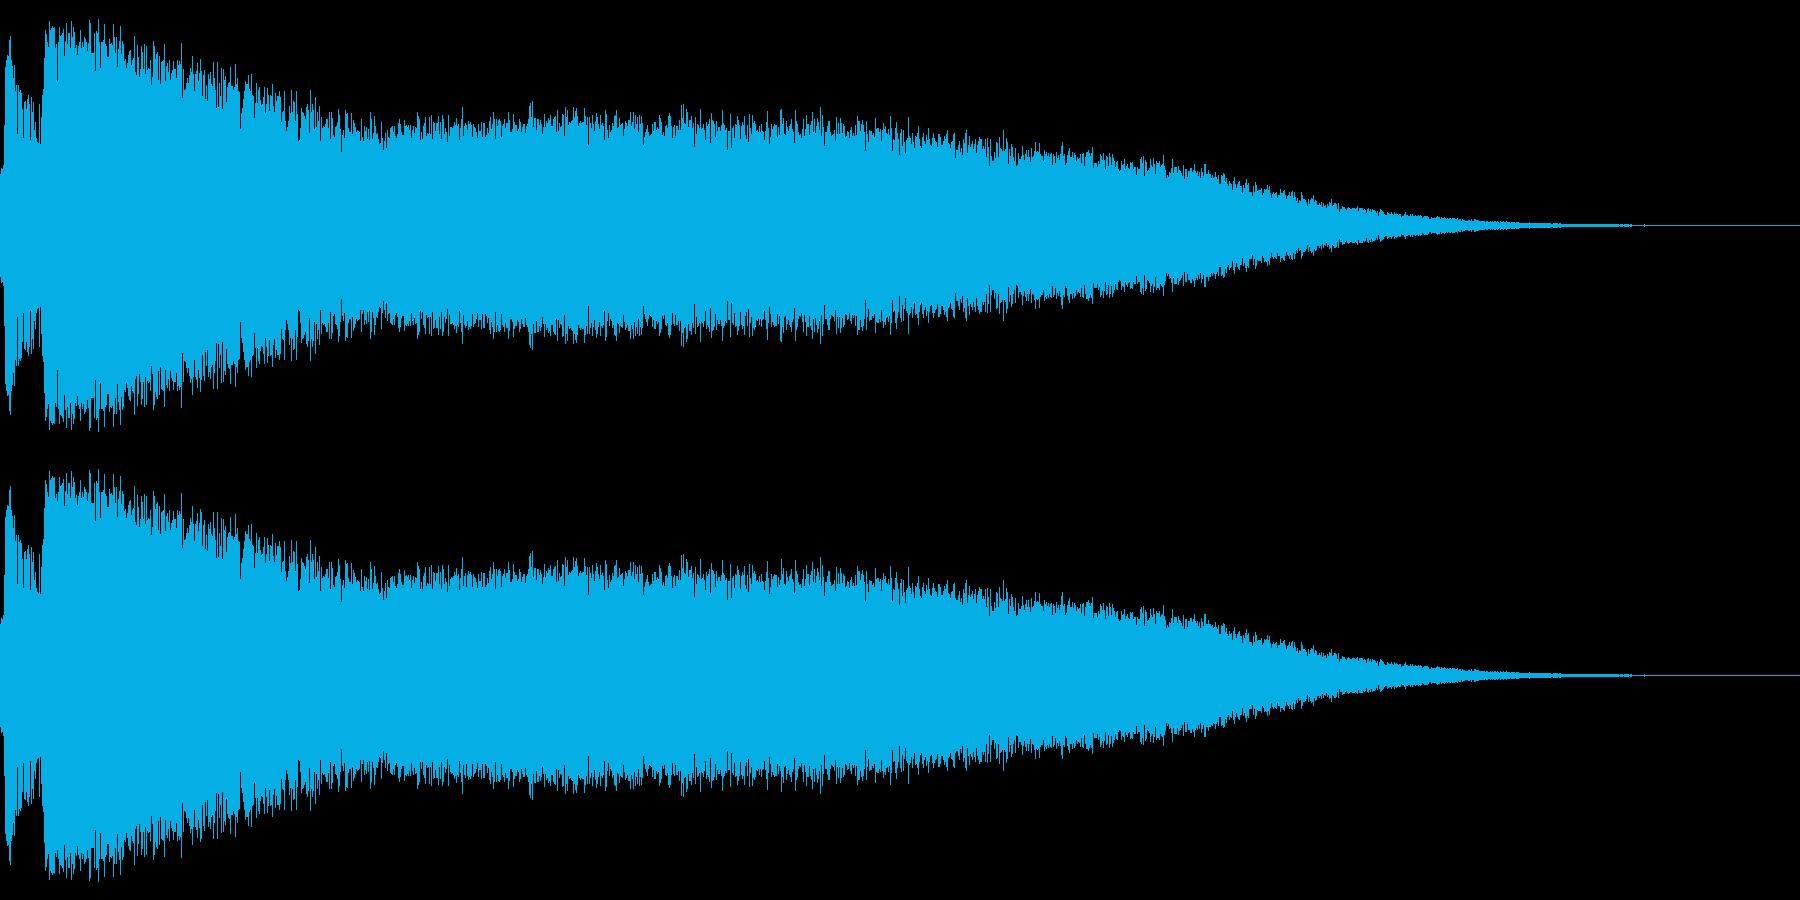 アニメにありそうなミサイルの発射音の再生済みの波形